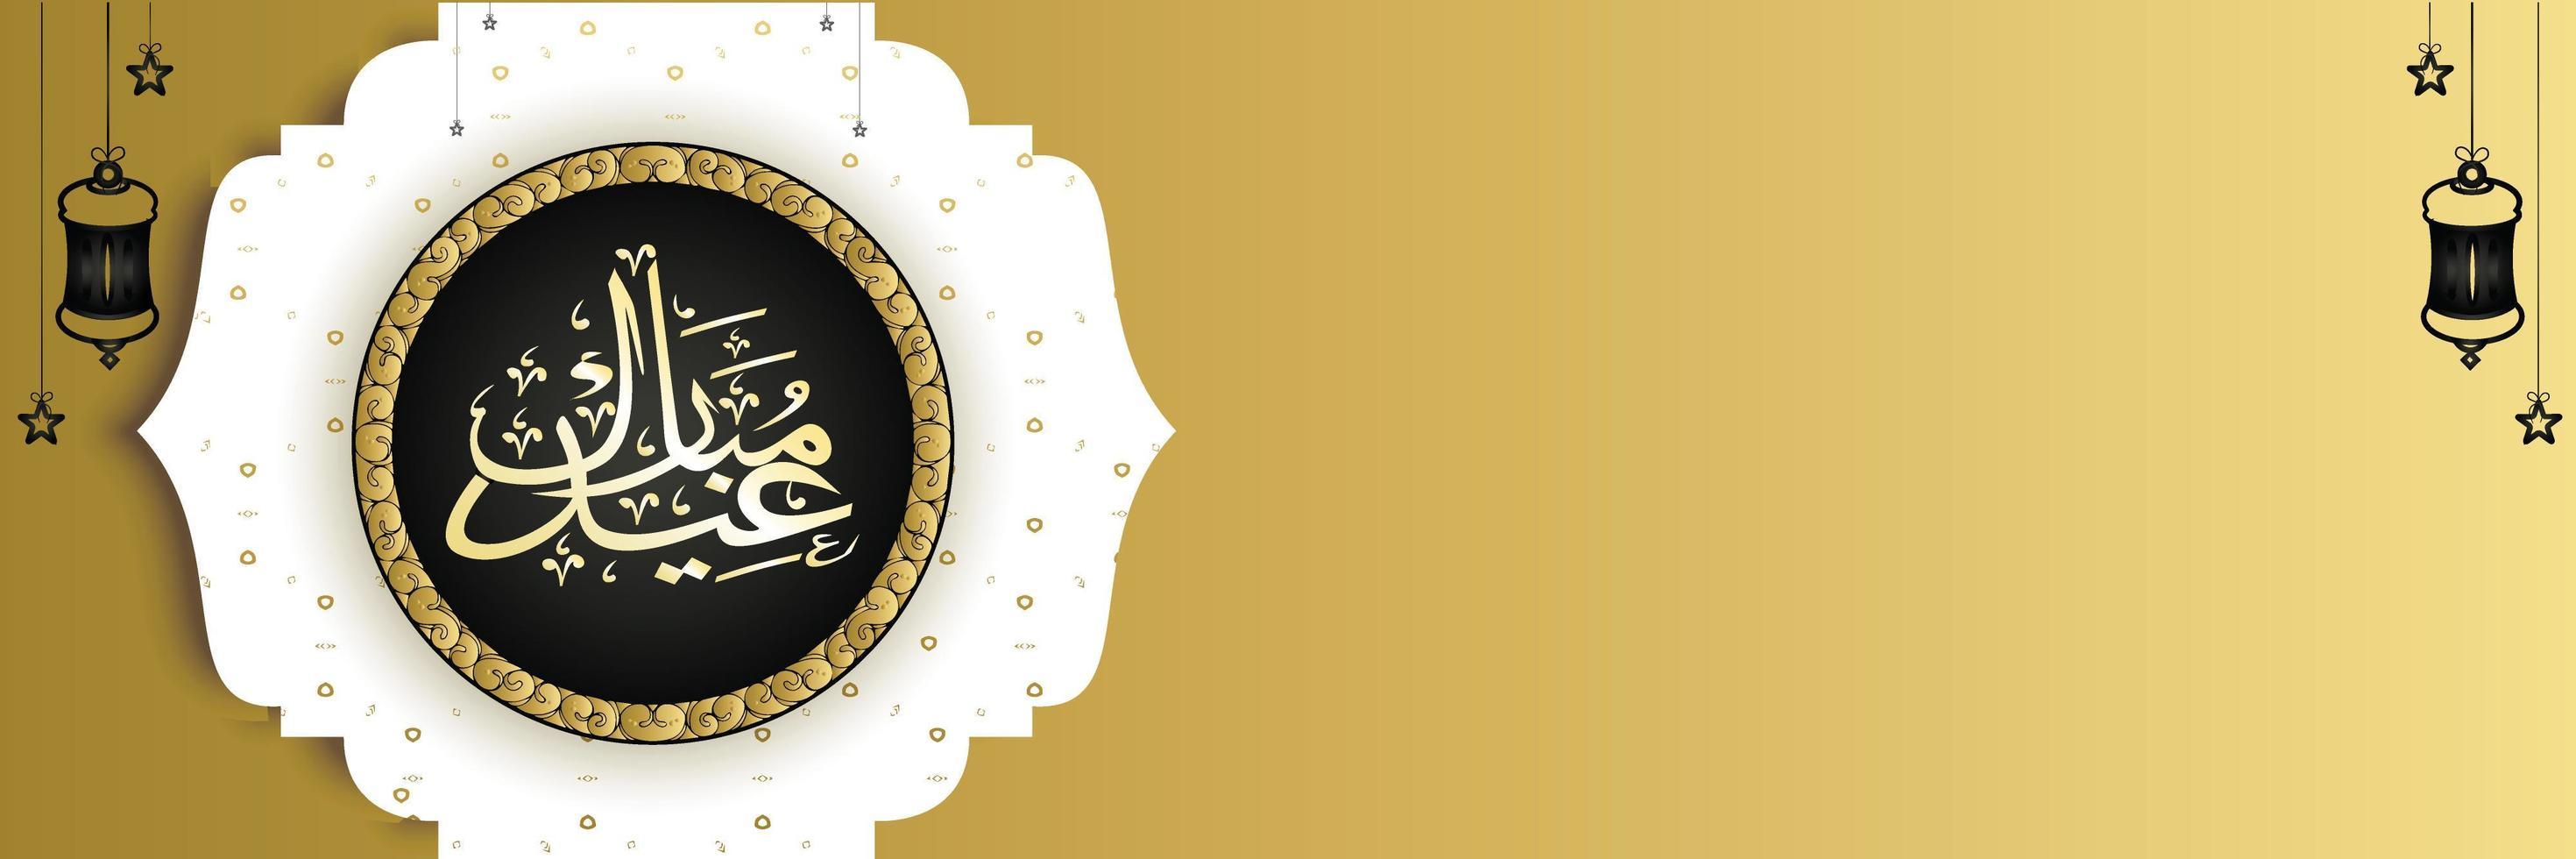 eid mubarak kalligrafische ontwerpbanner vector